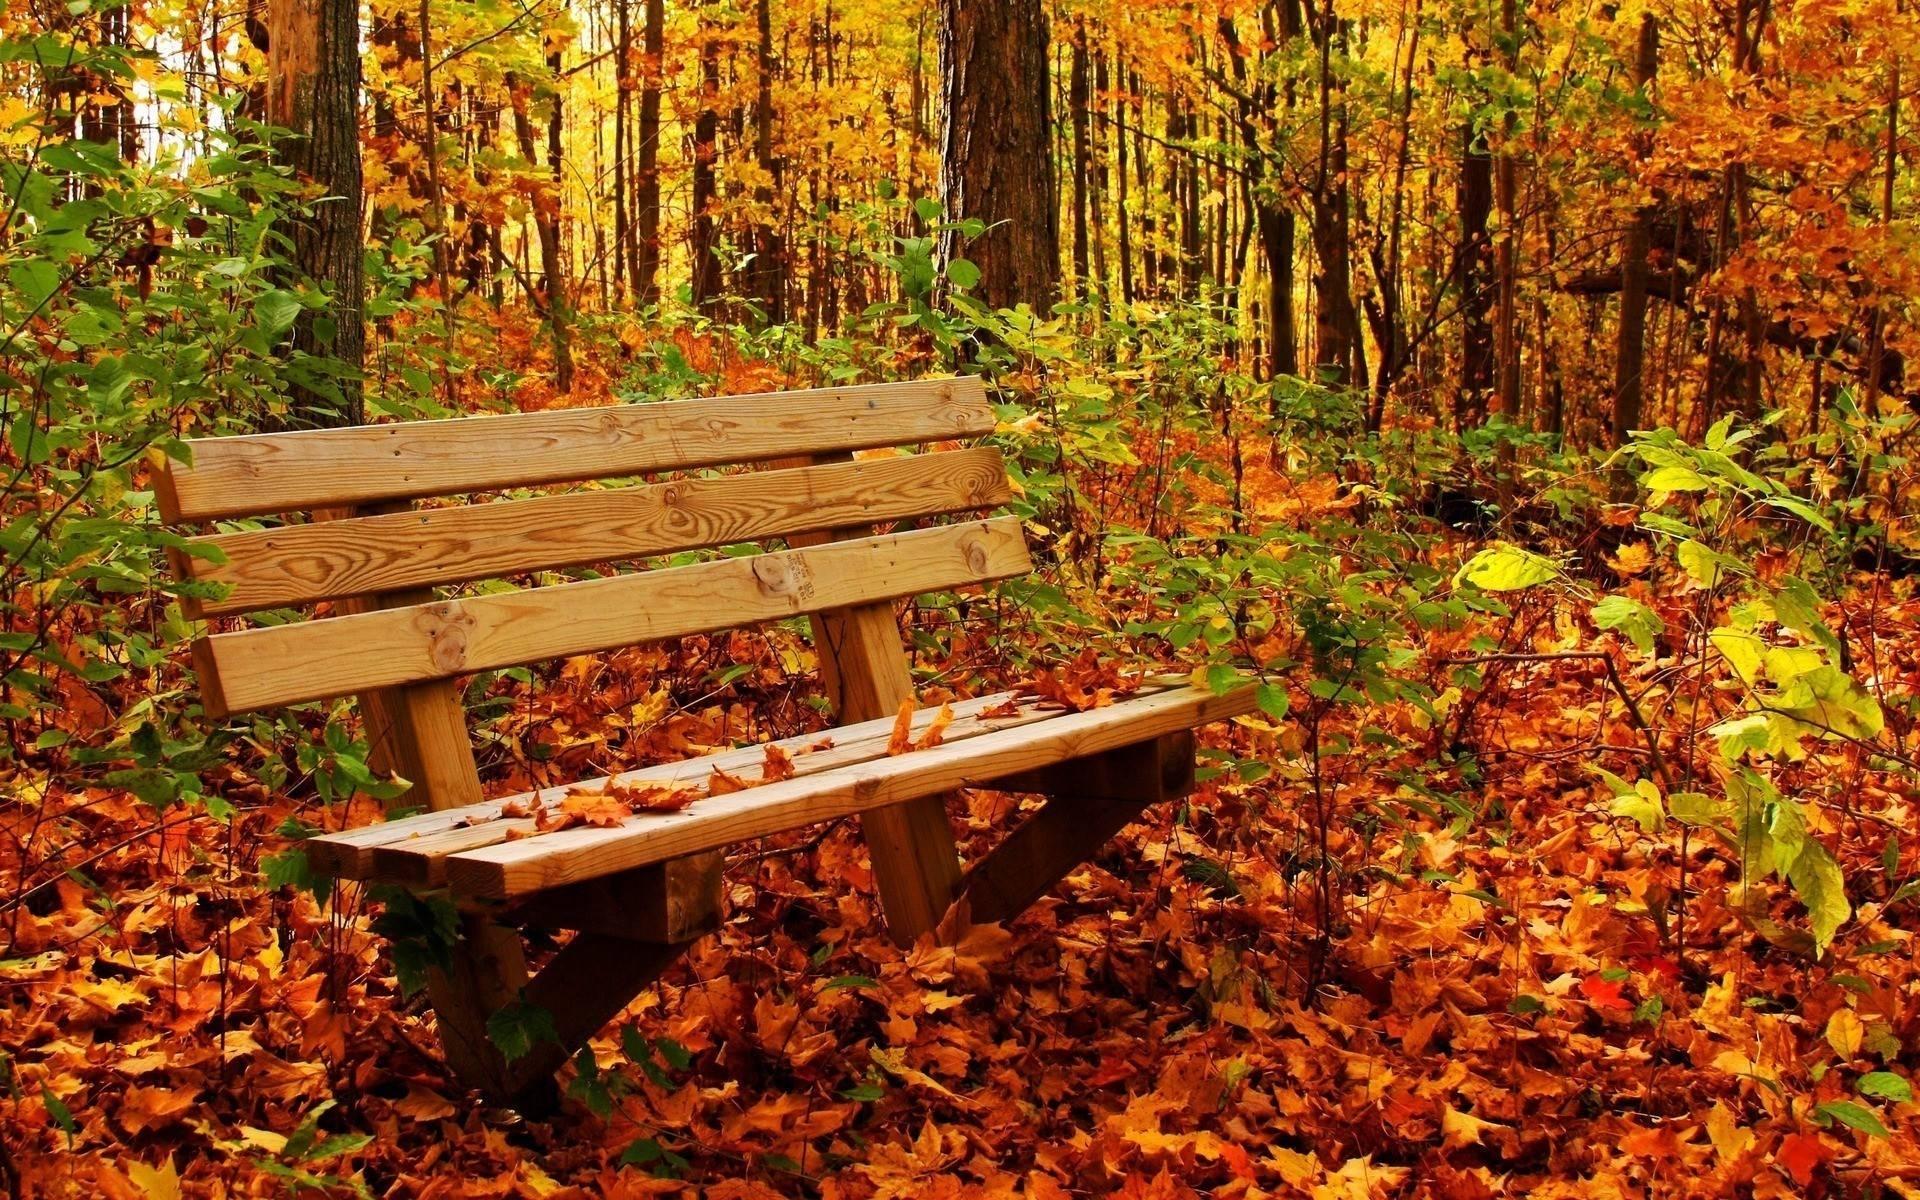 autumn nature wallpaper desktop hd cool 7 hd wallpaperscom | nature